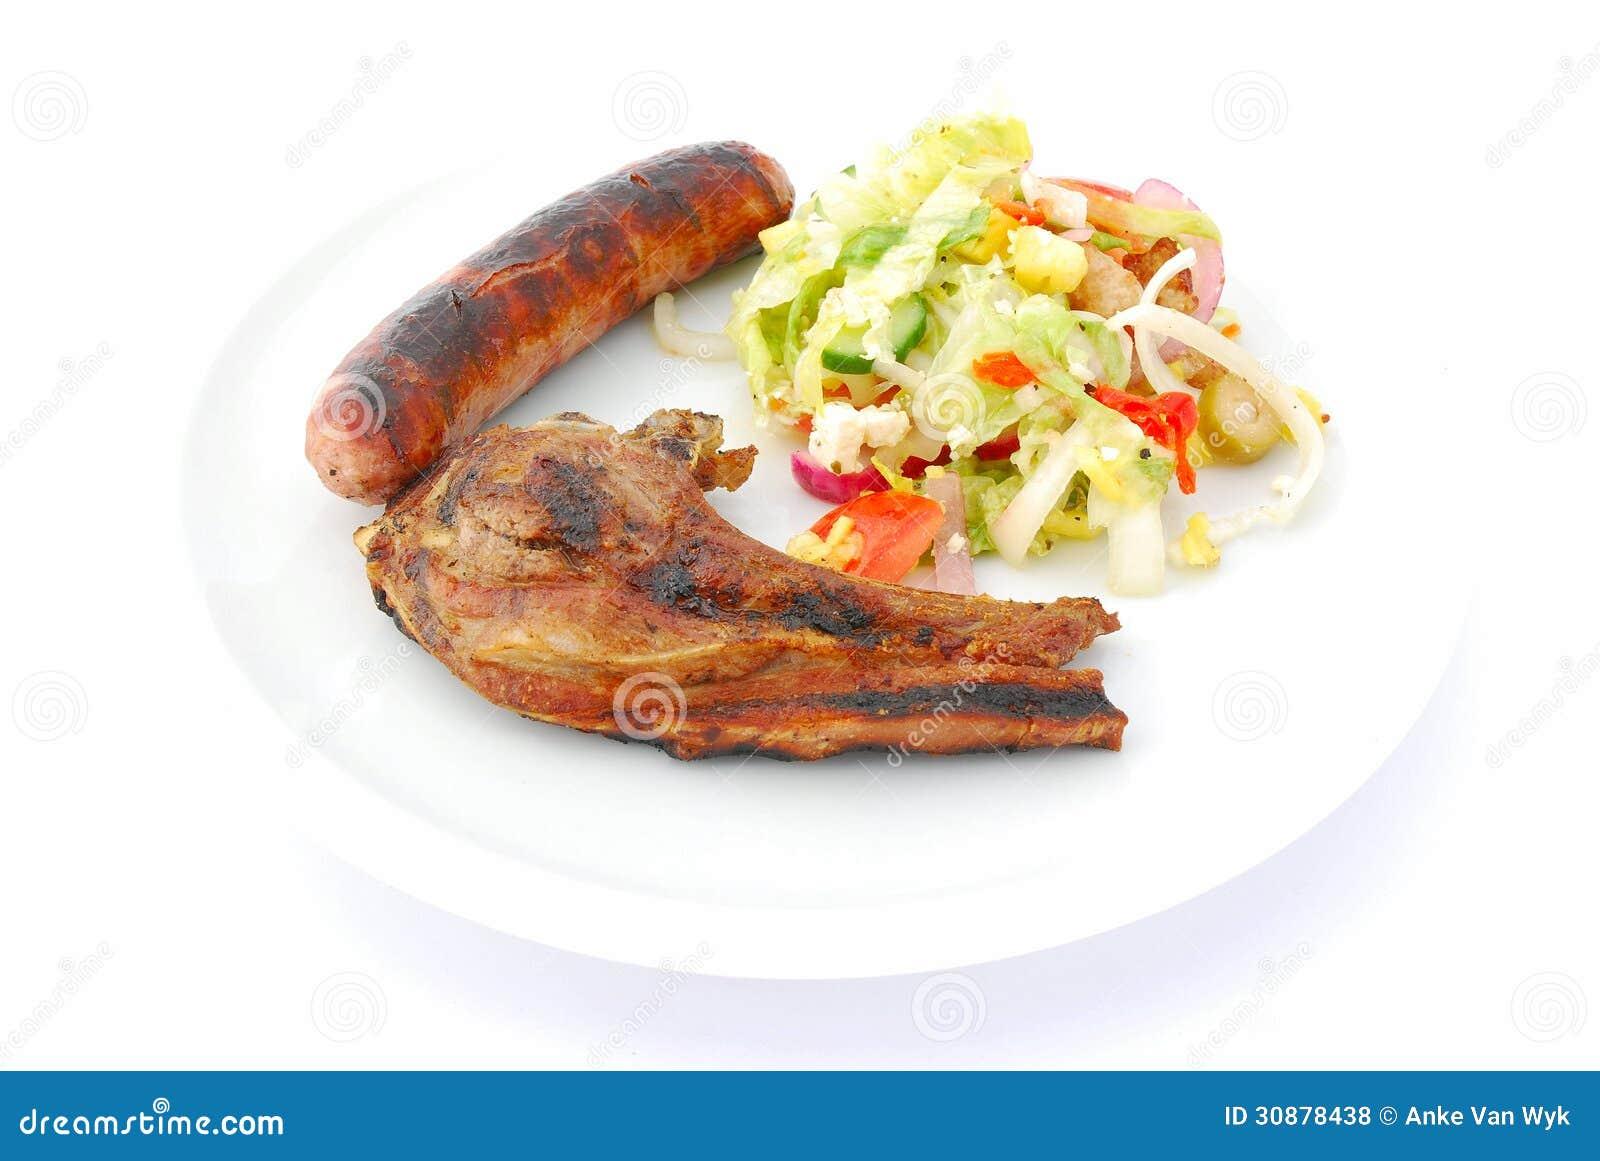 Geroosterd vlees met zijsalade